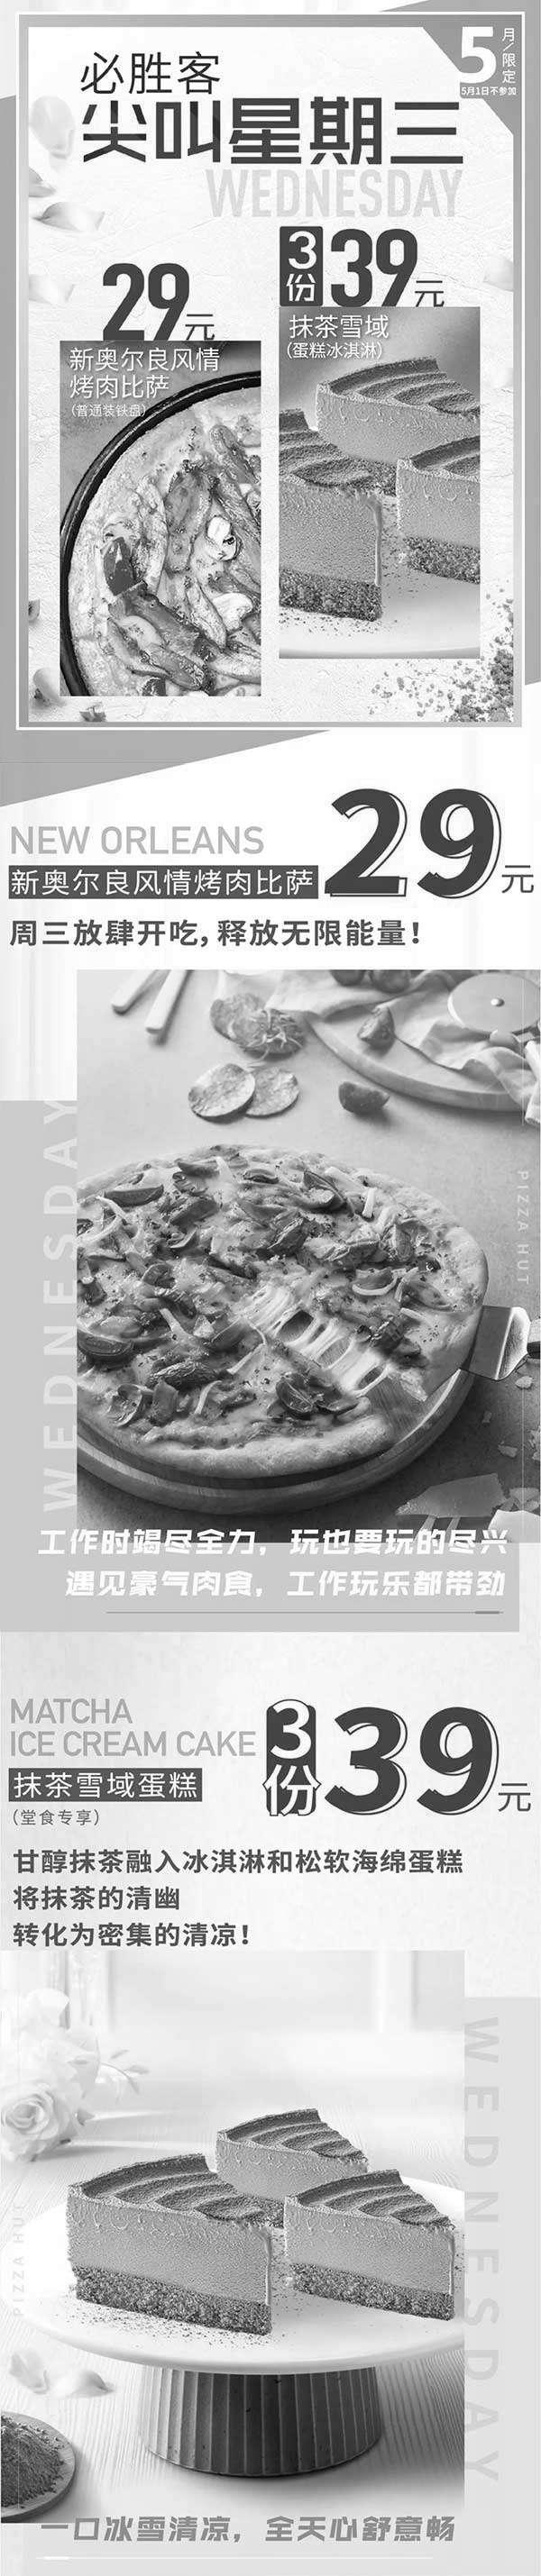 黑白优惠券图片:必胜客2019年5月尖叫星期三活动,29元比萨、39元3份蛋糕冰淇淋 - www.5ikfc.com